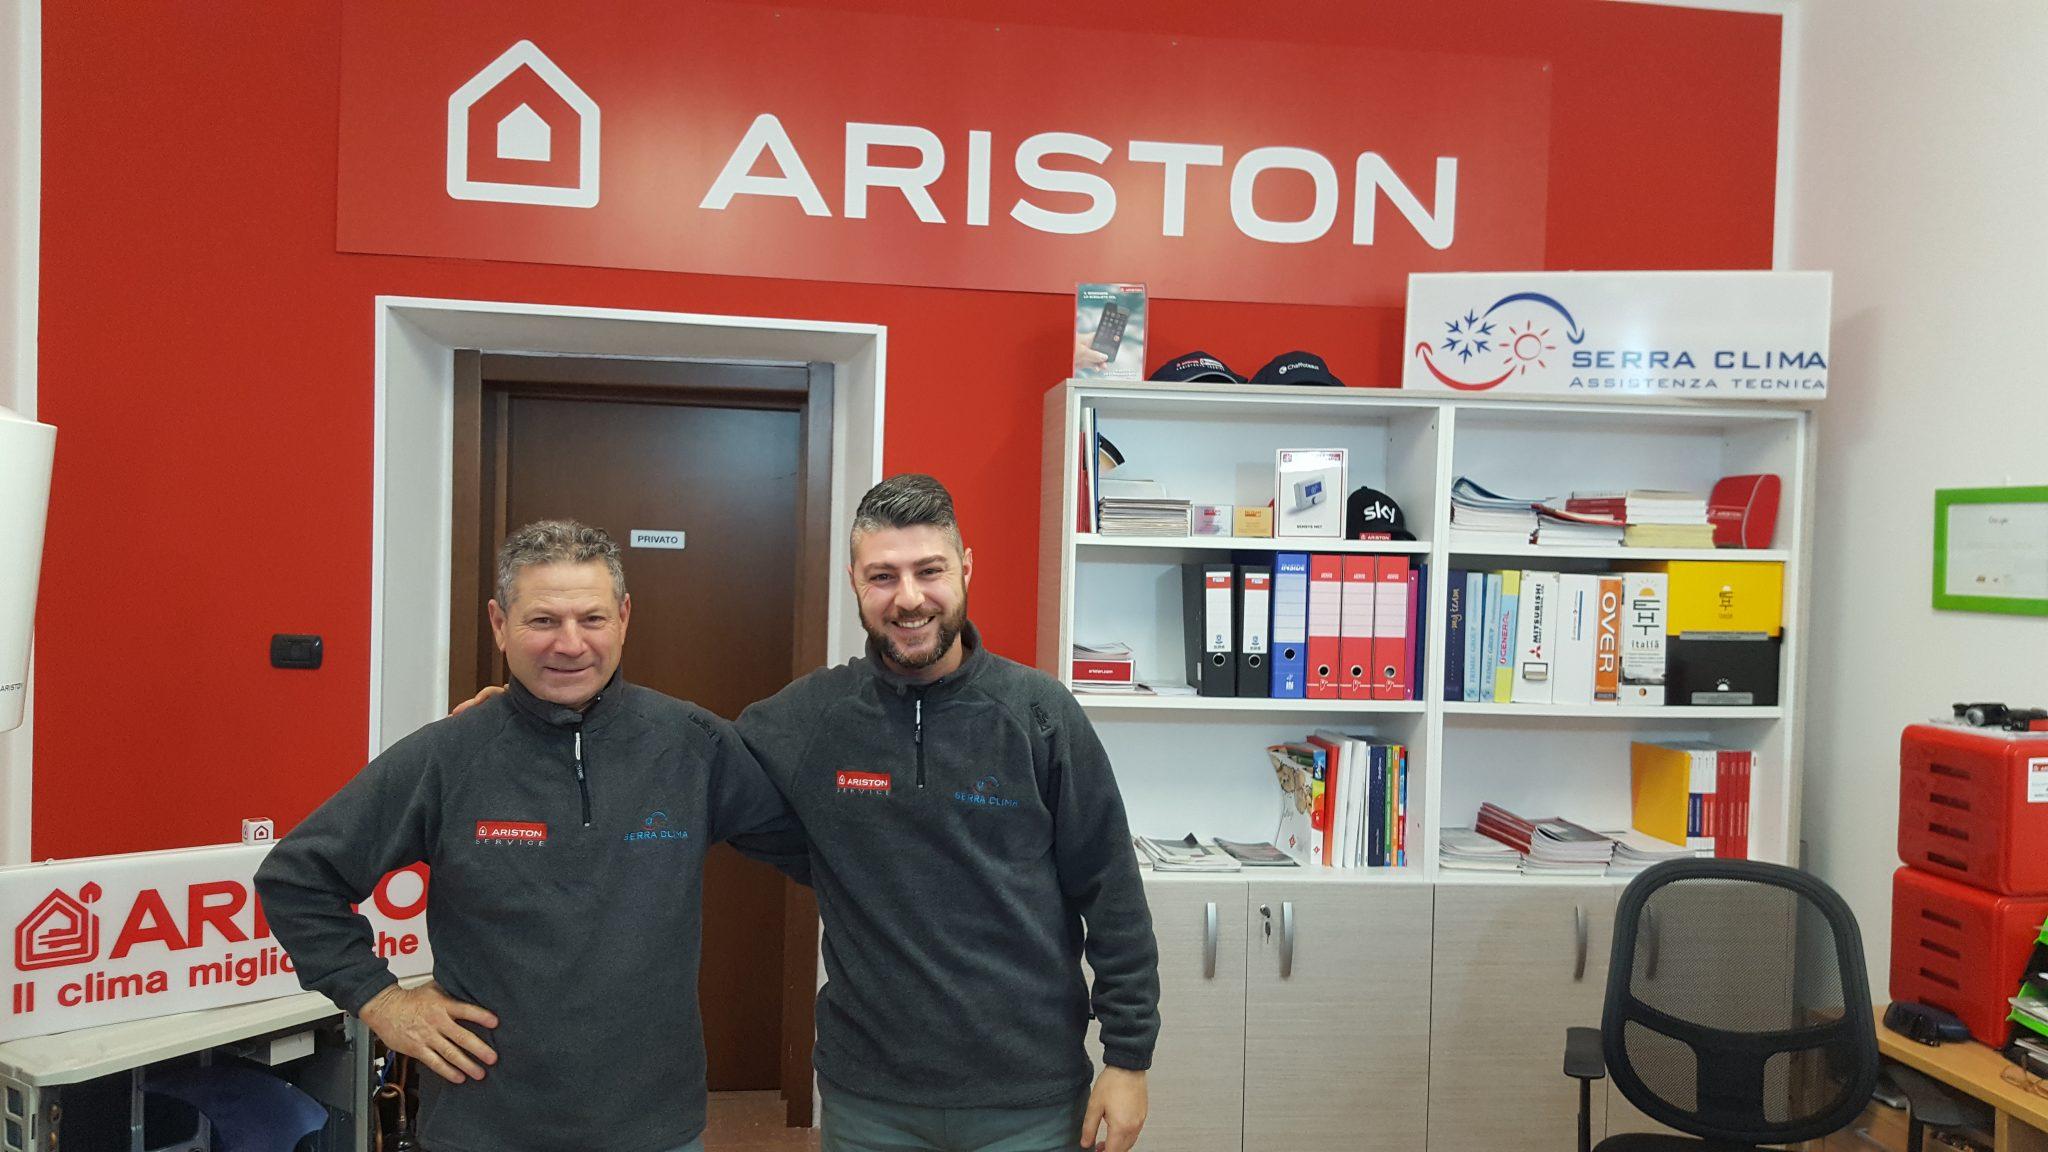 Il centro assistenza ariston di Sassari e Provincia, personale qualificato e certificato